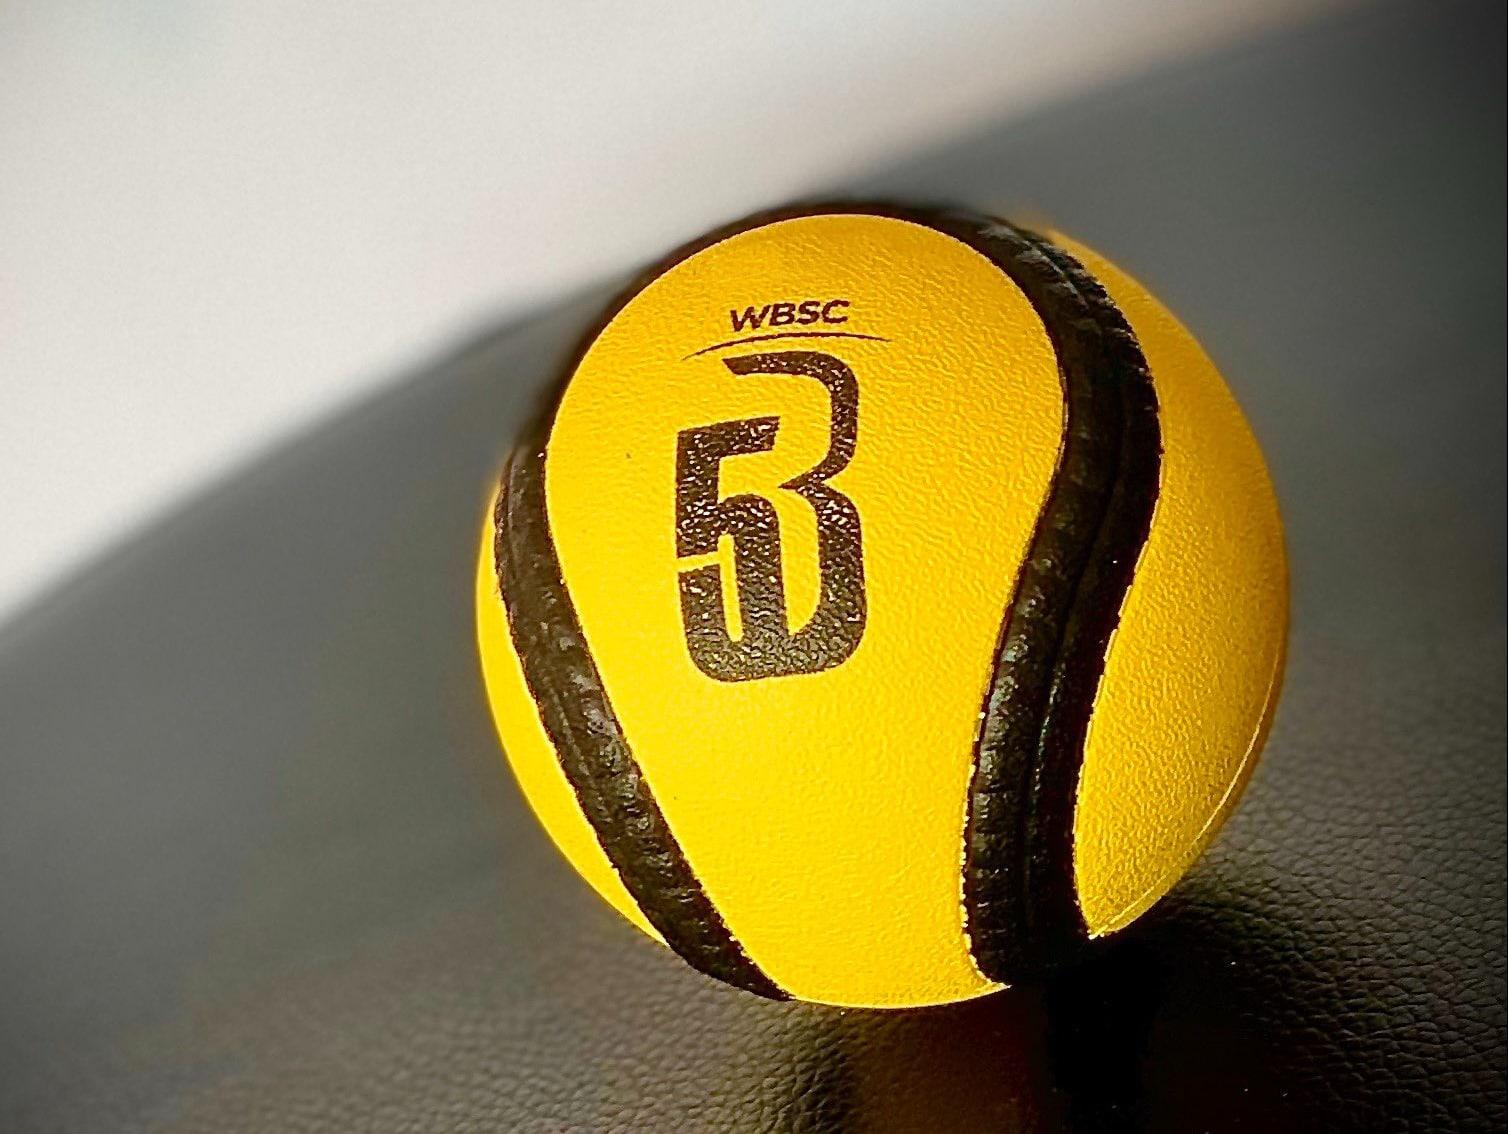 wbsc ball